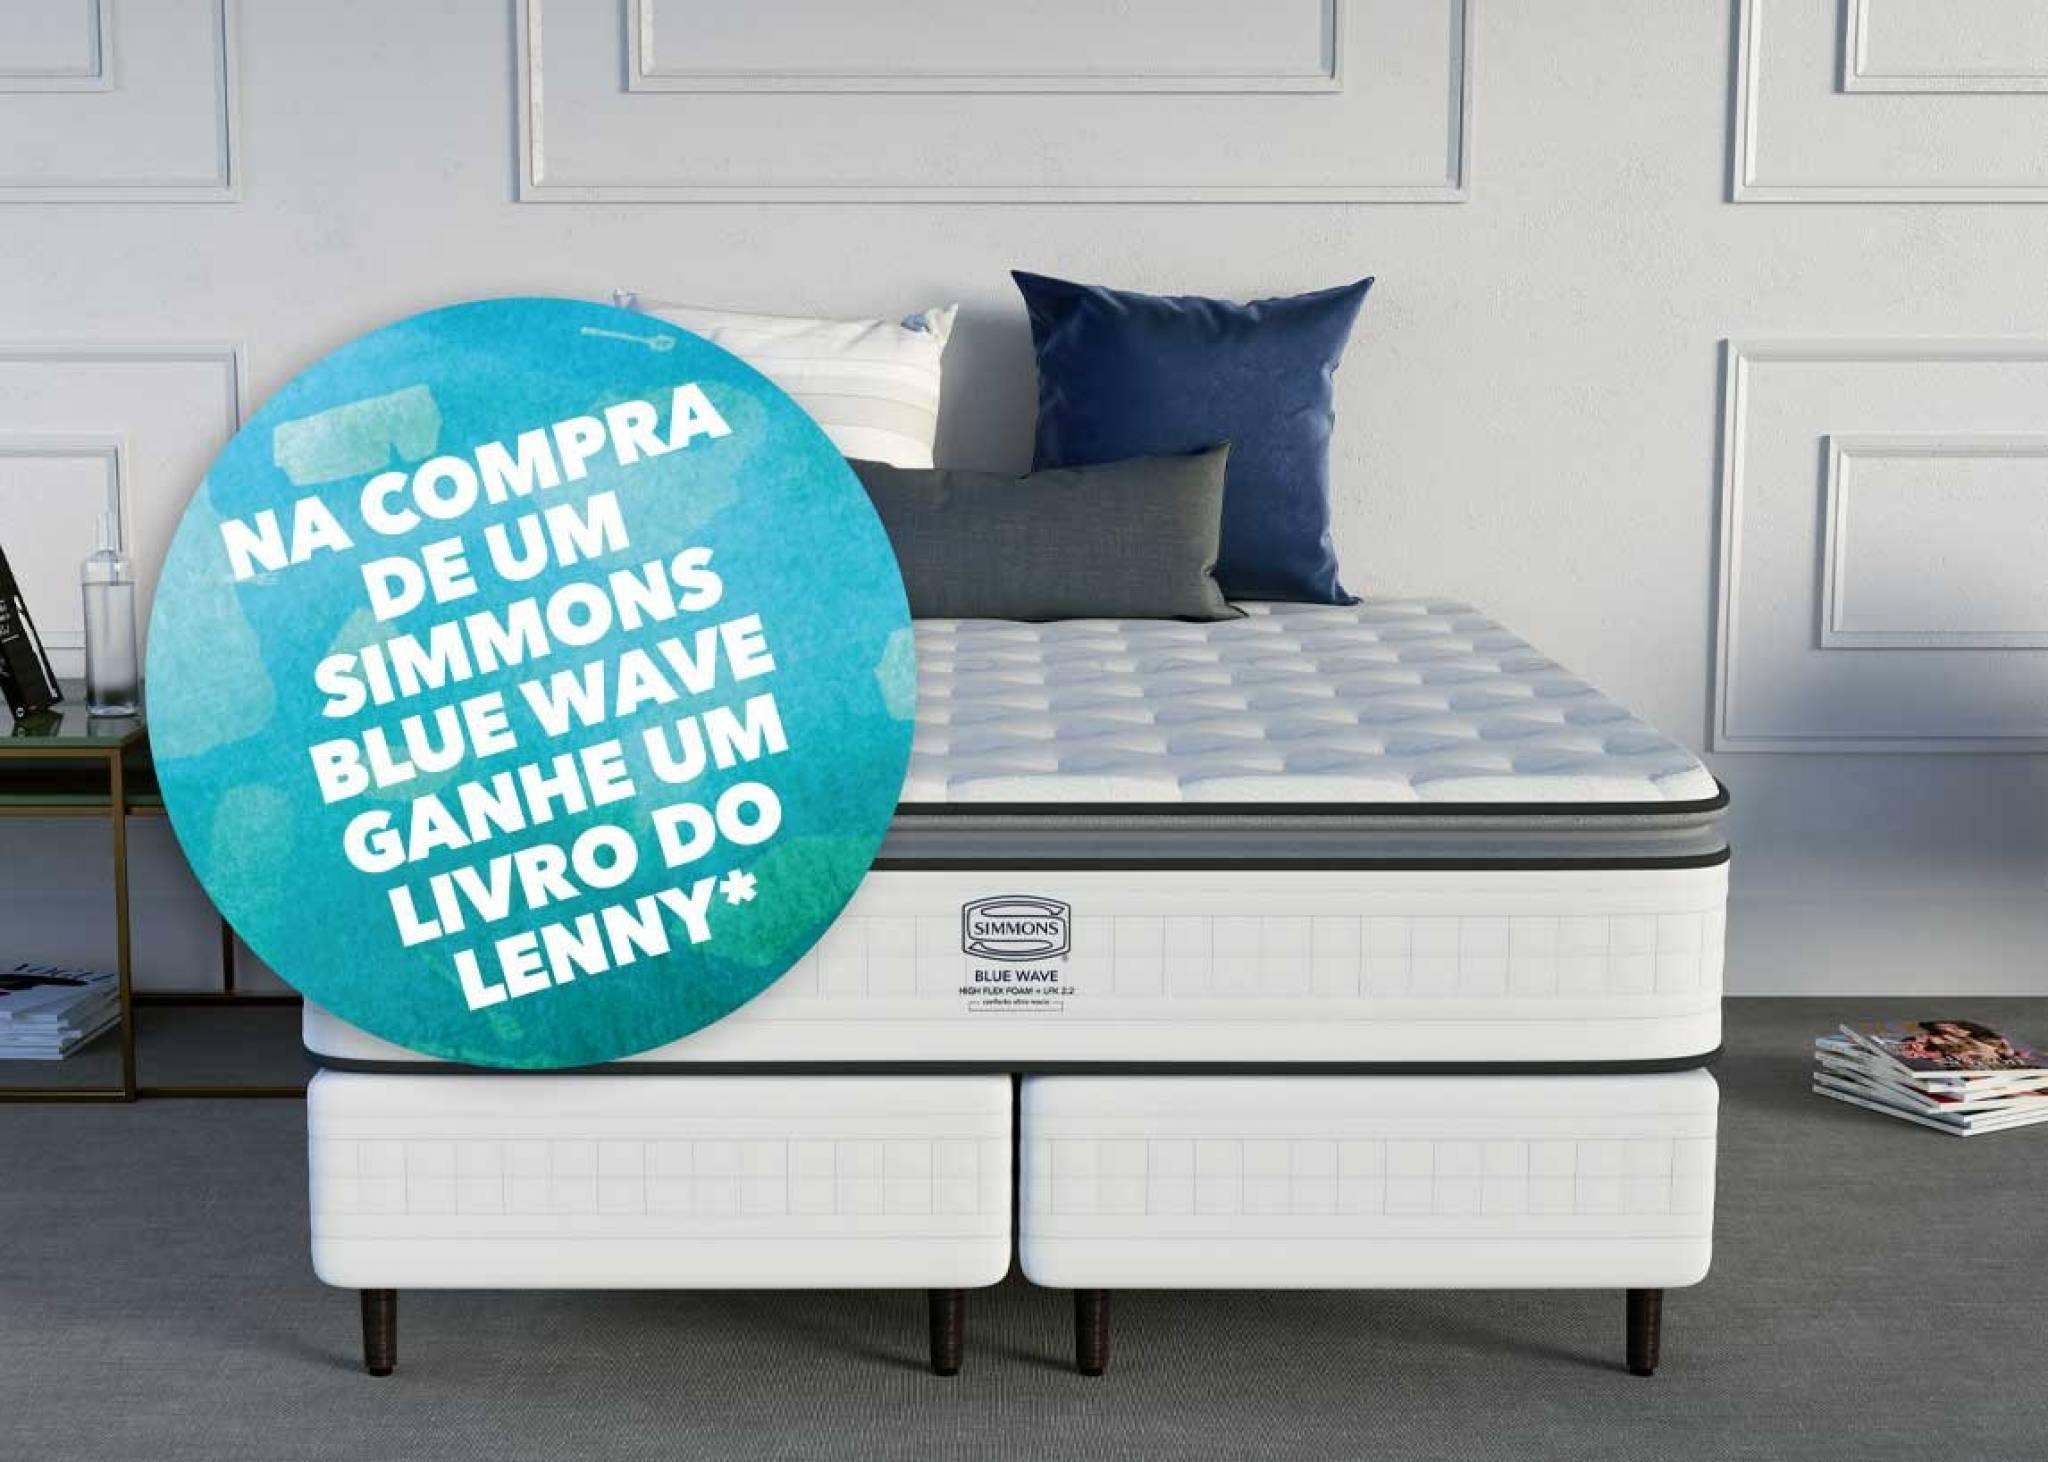 Na compra de um Colchão Simmons blue Wave ganhe um livro do Lenny